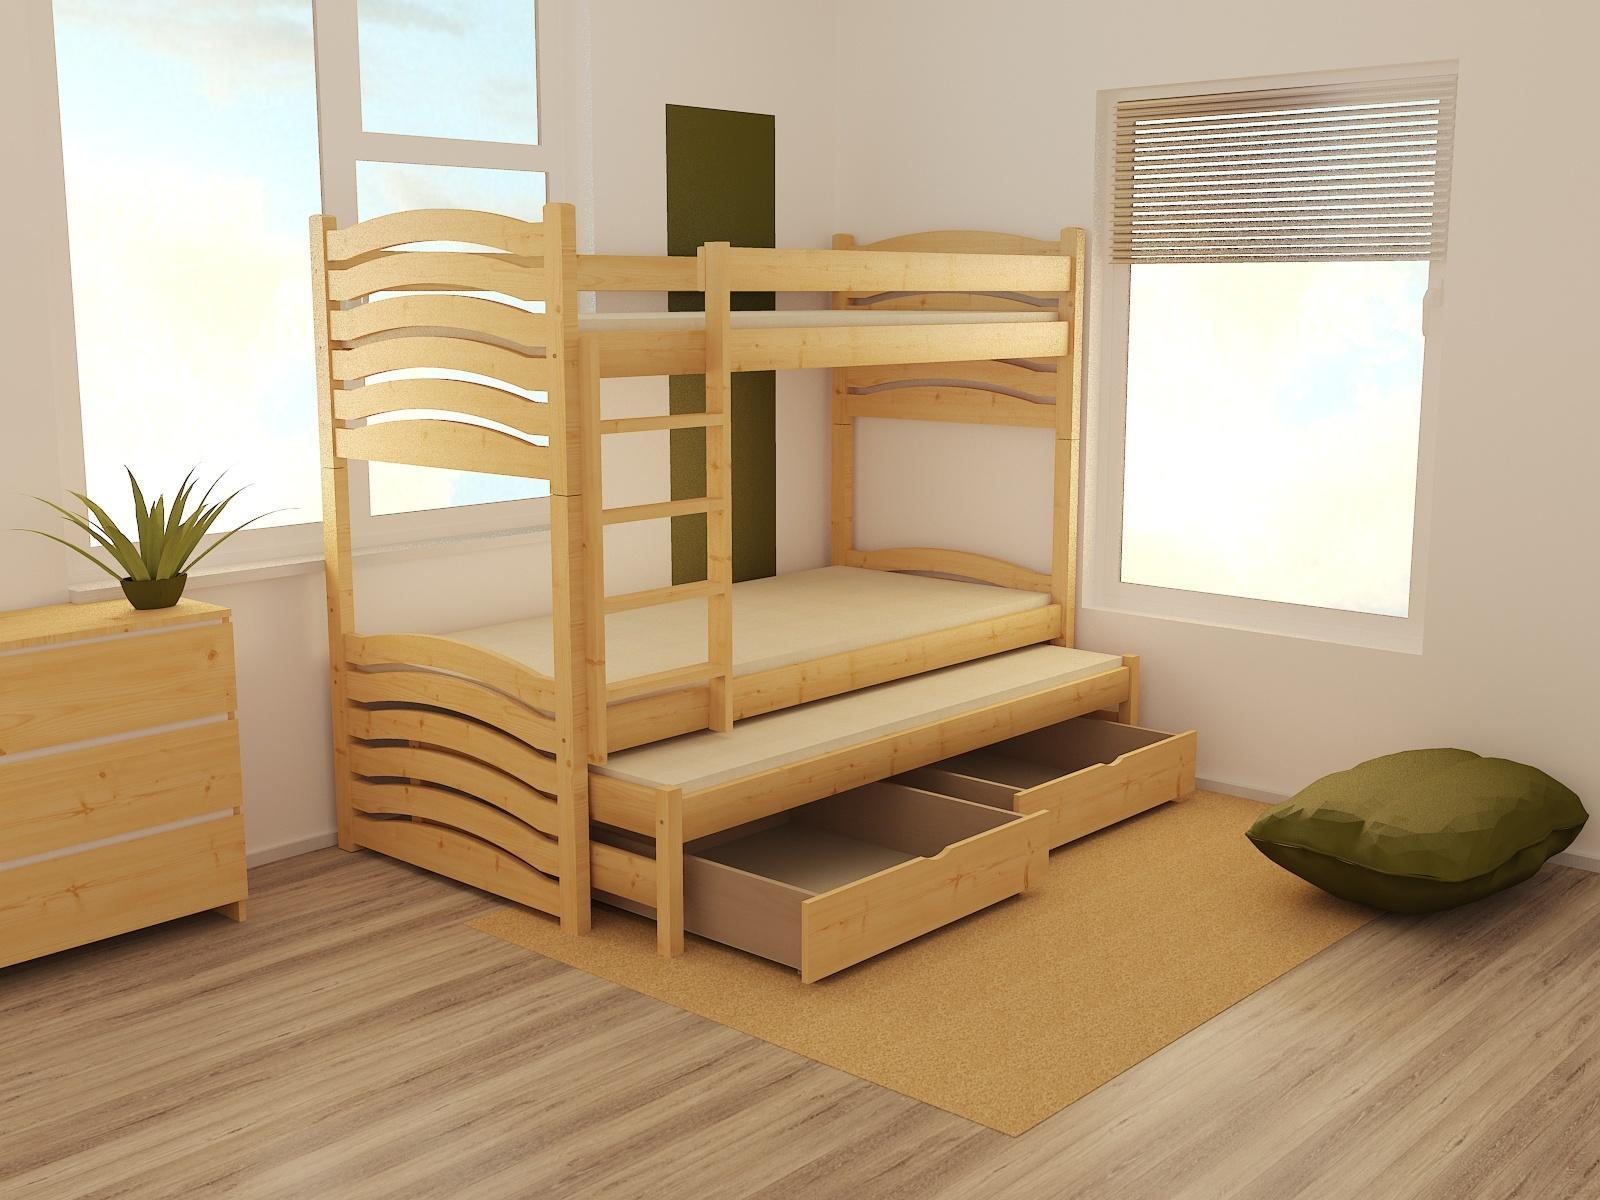 MAXMAX Detská poschodová posteľ s prístelkou z MASÍVU 200x80cm so zásuvkou - PPV021